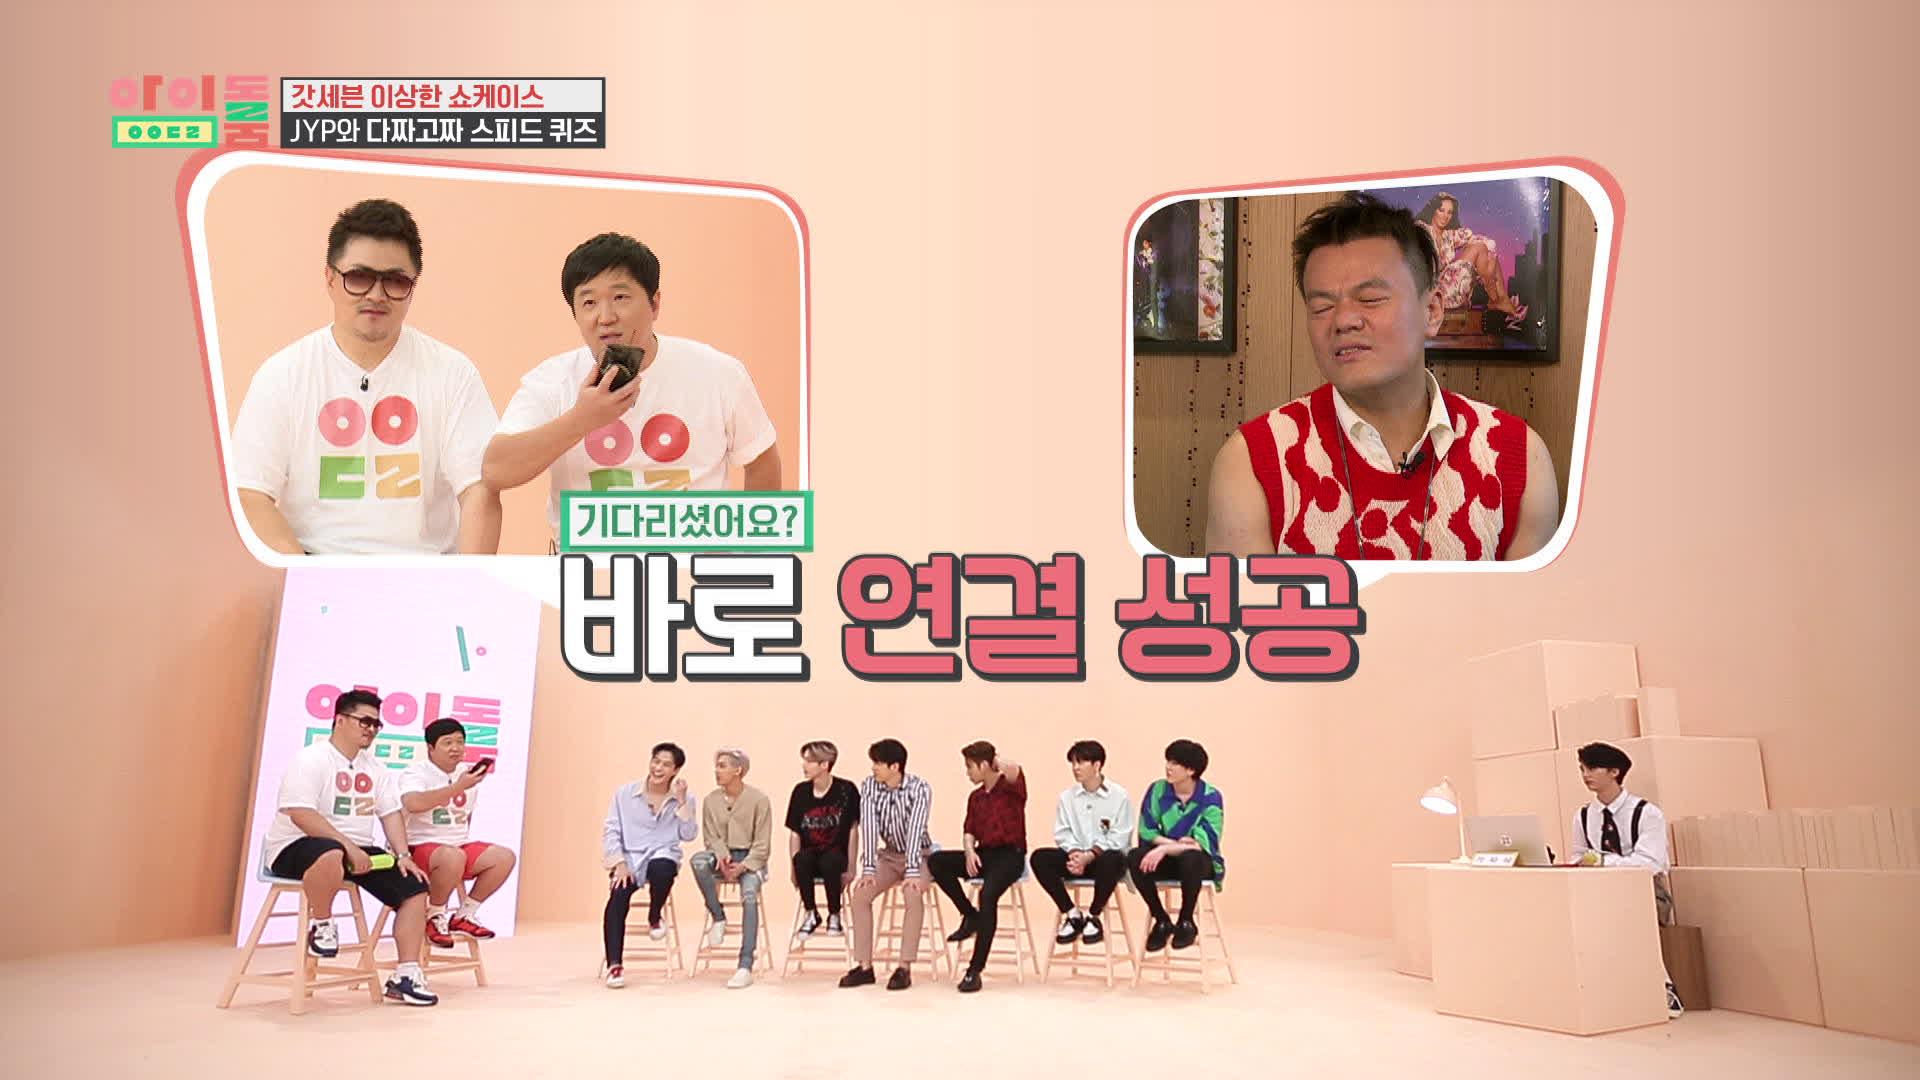 아이돌룸(IDOL ROOM) 20회 - JYP와 다짜고짜 스피드 퀴즈 도전! (신곡 소개하기 힘들다..)